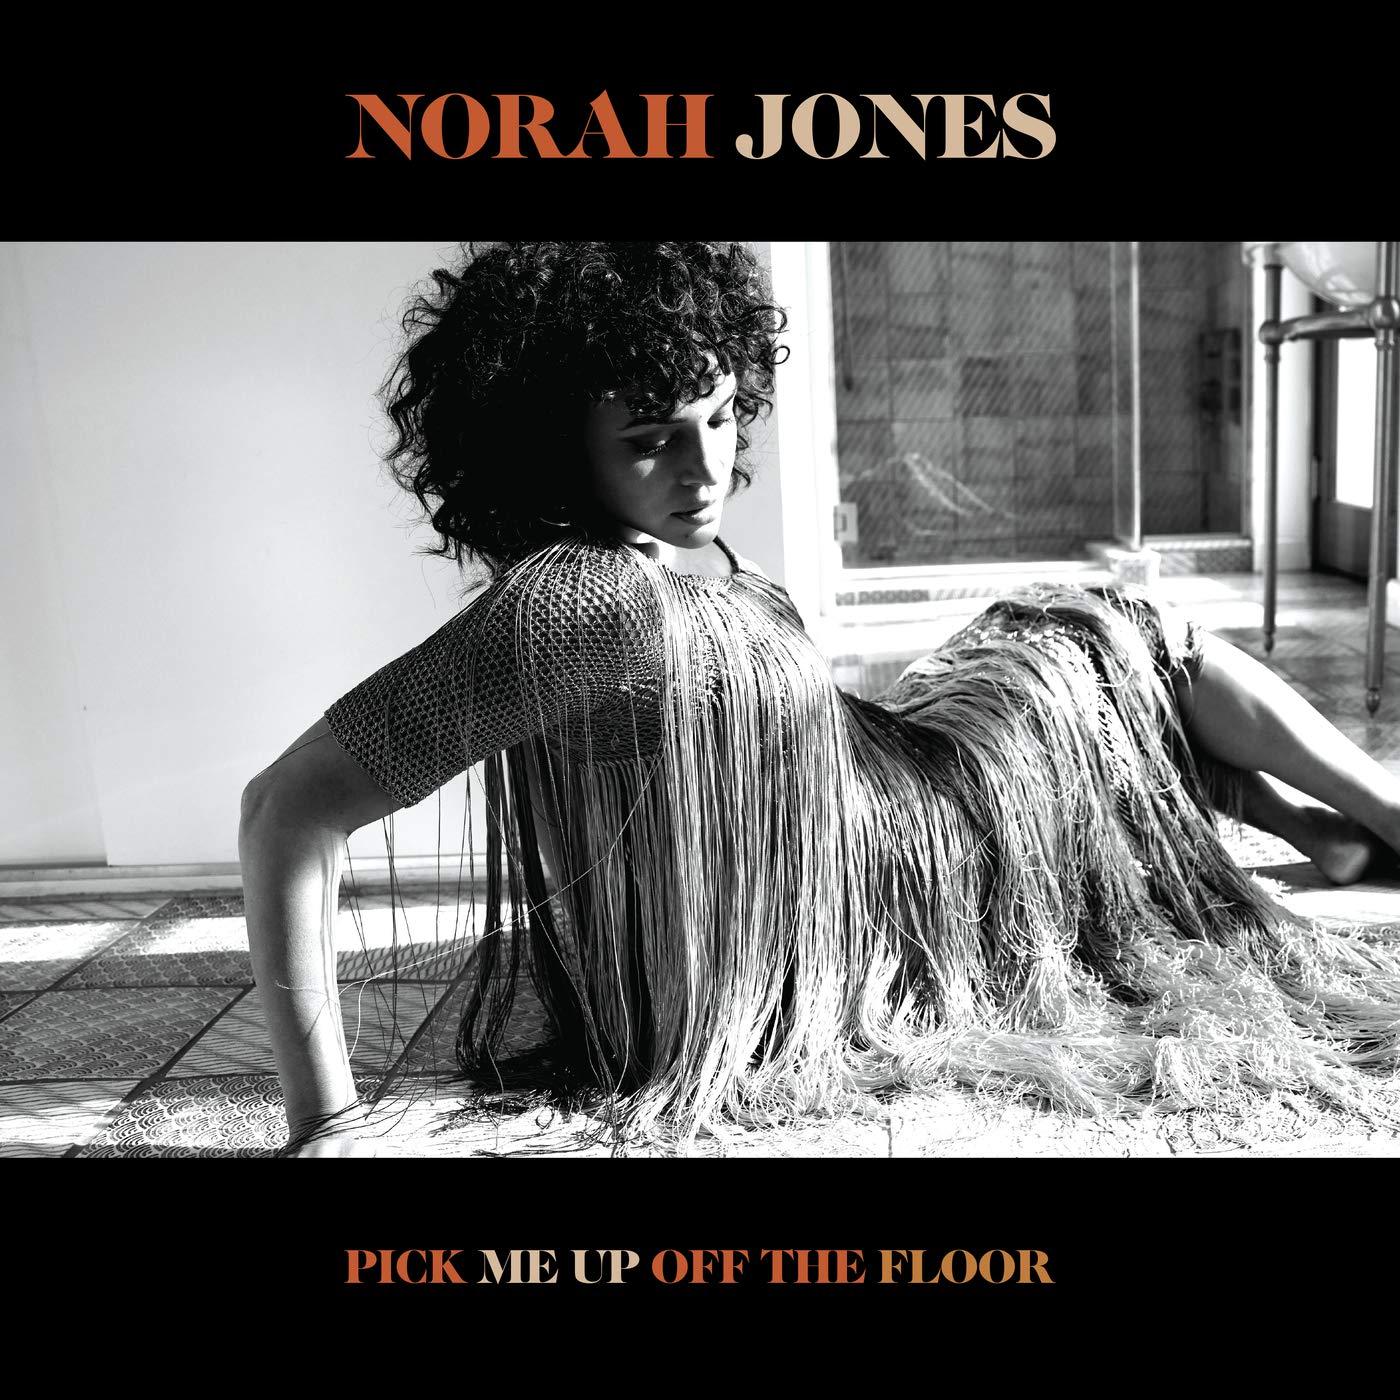 Norah Jones - Pick Me Up Off The Floor (2020) [FLAC] Download